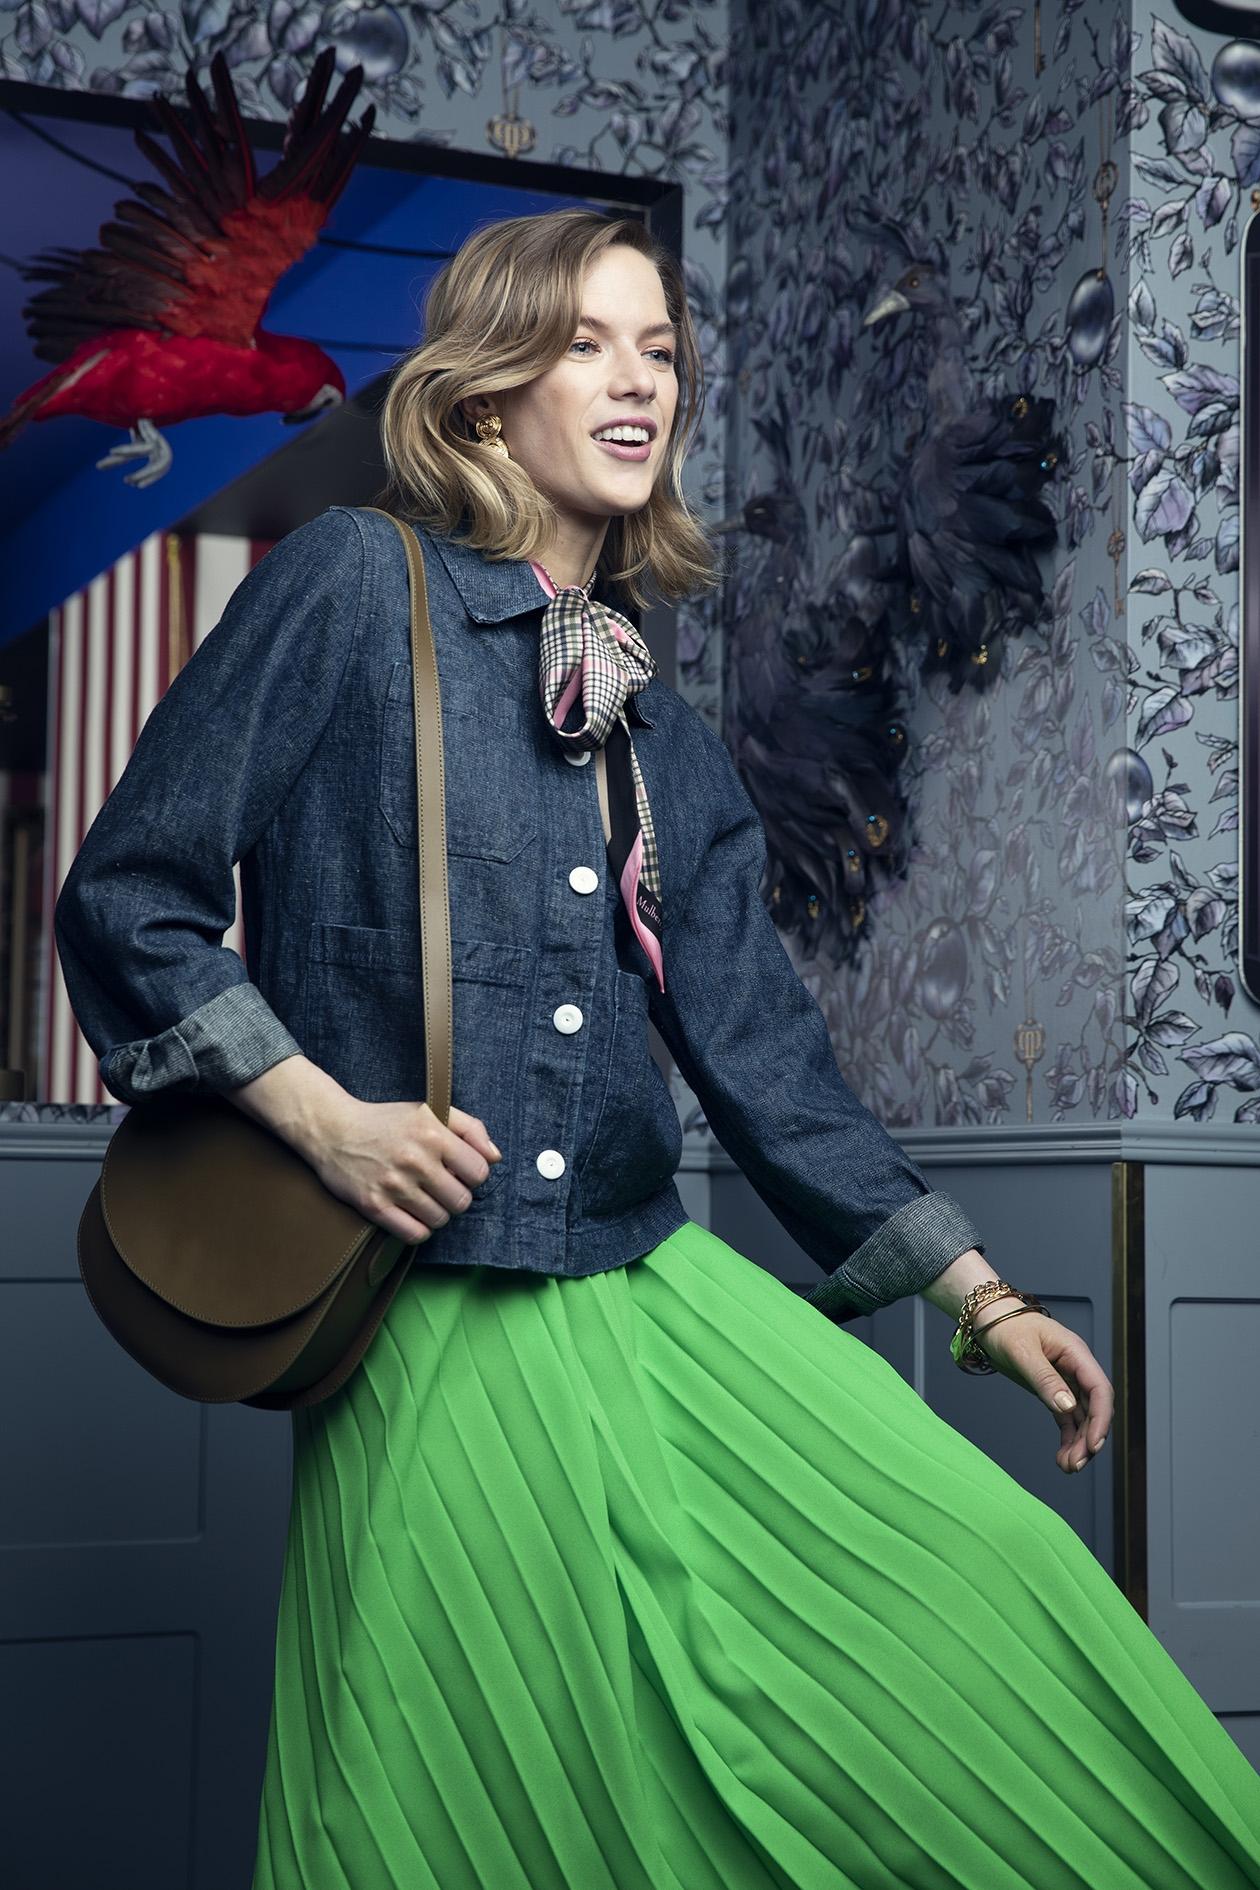 Työtakkia muistuttavan takin voi yhdistää naiselliseen helmaan.